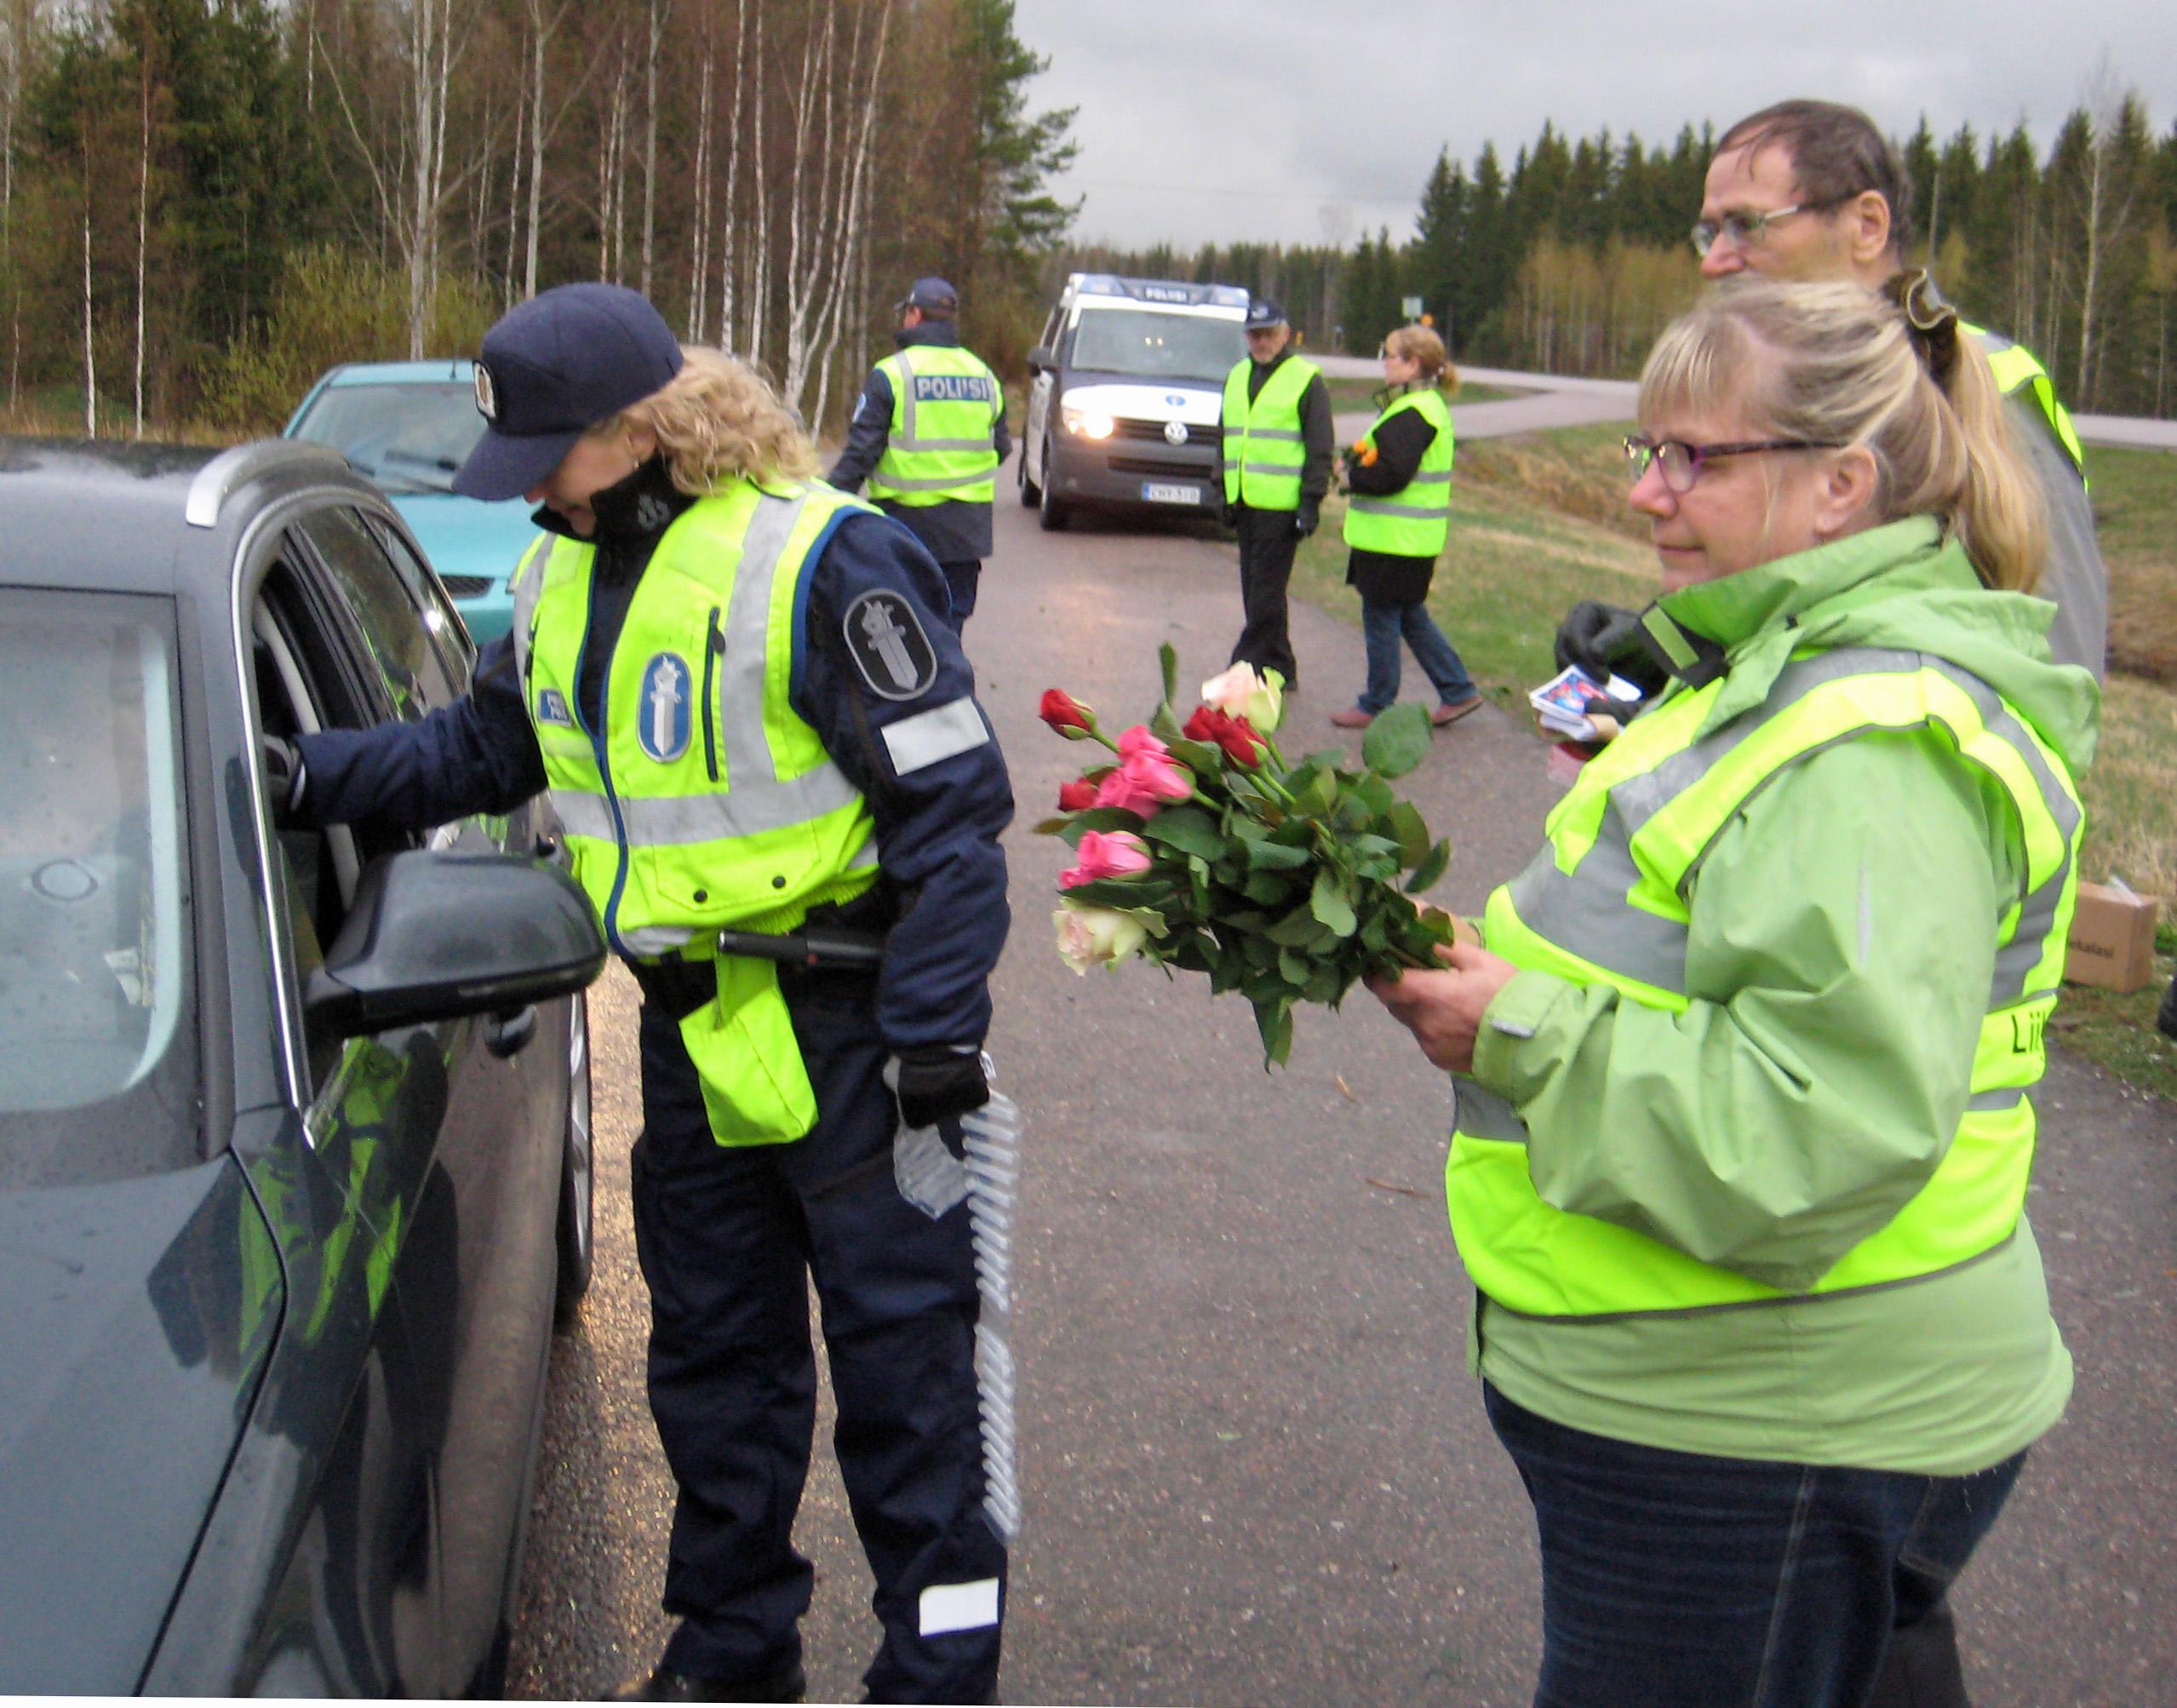 Poliisi+puhalluttaa+Ruusun+päivänä Poliisin teksti Facebookissa vetää hiljaiseksi